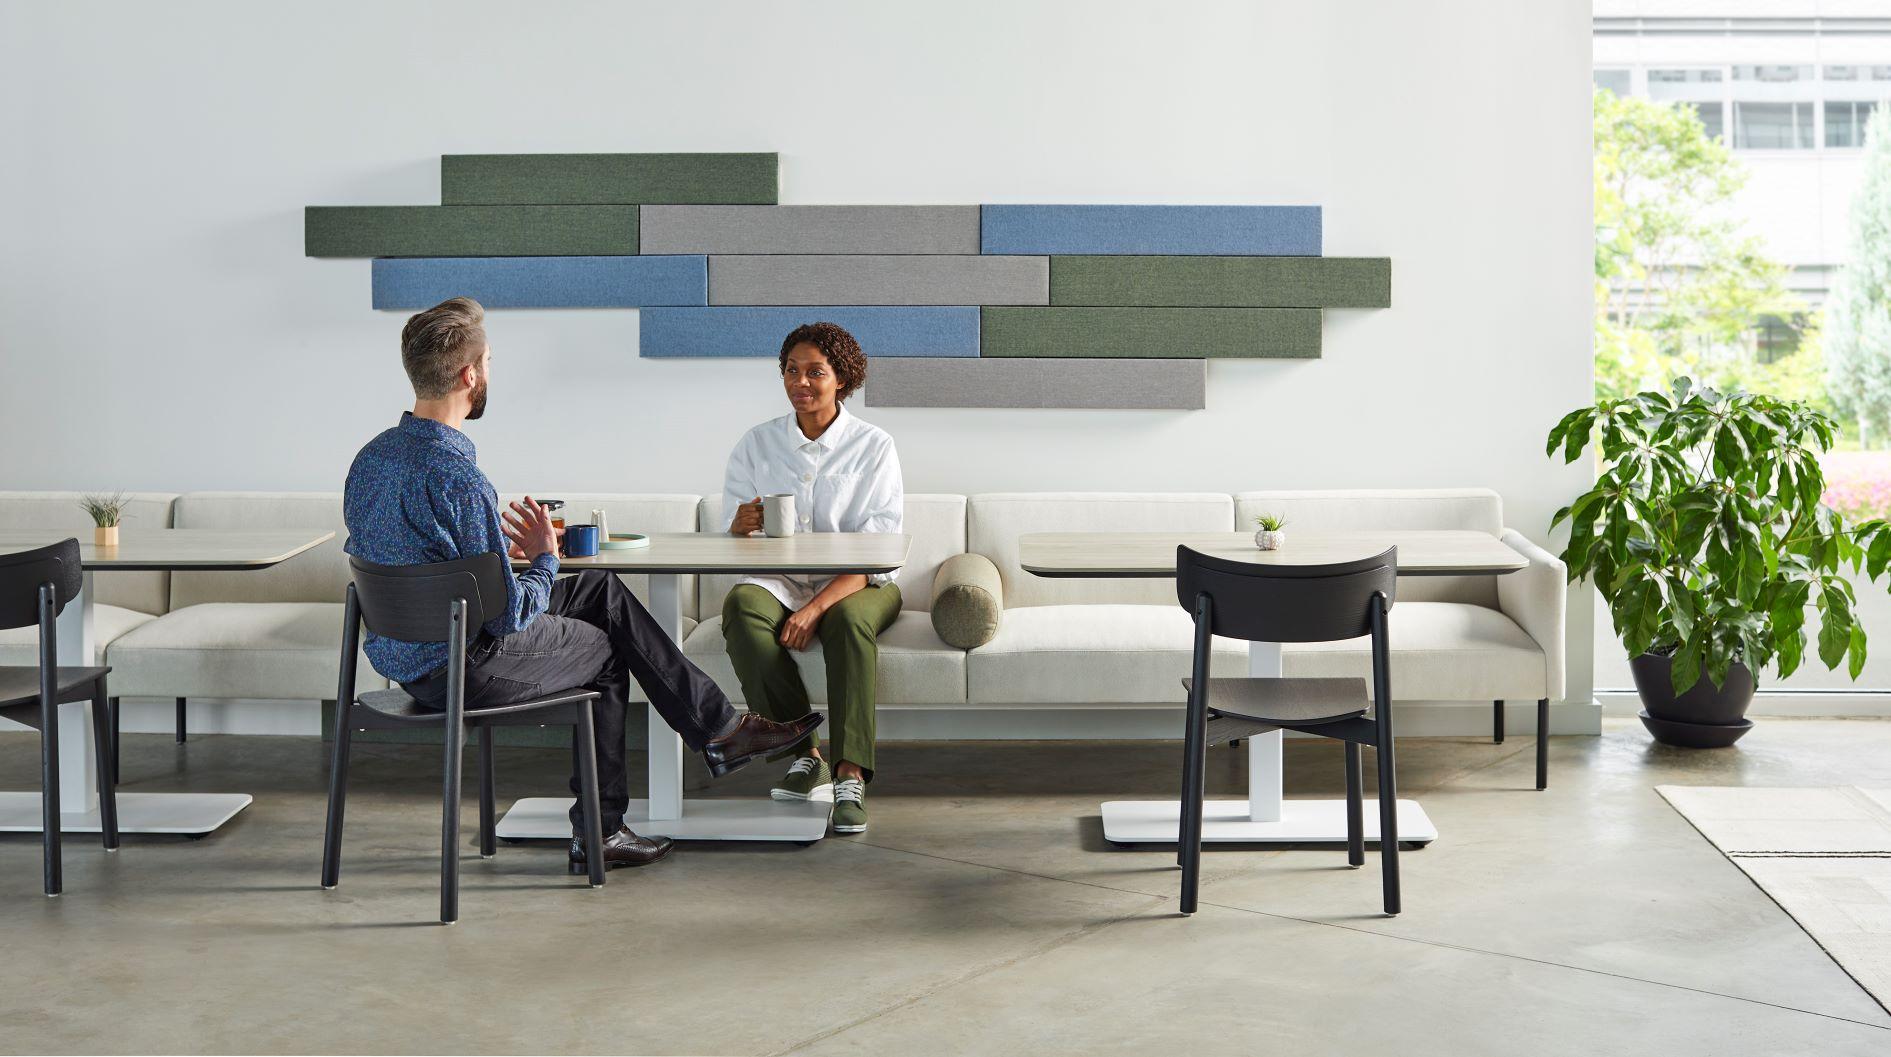 dalles acoustiques rectangulaires Timber de la marque Zilenzio